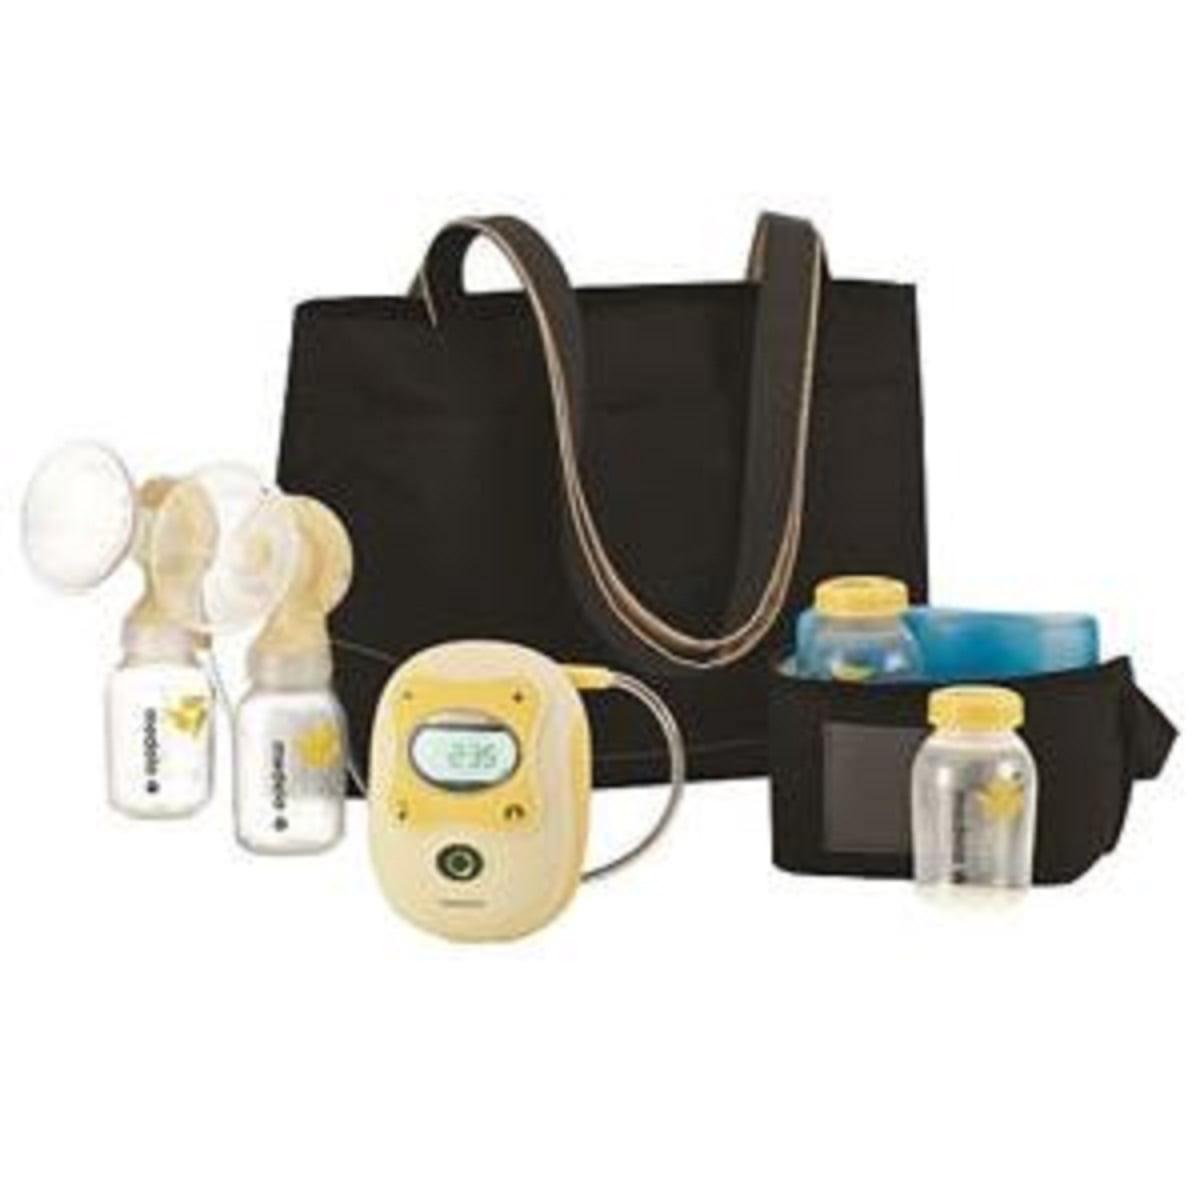 Medela Freestyle Breast Pump Solution Set by Medela